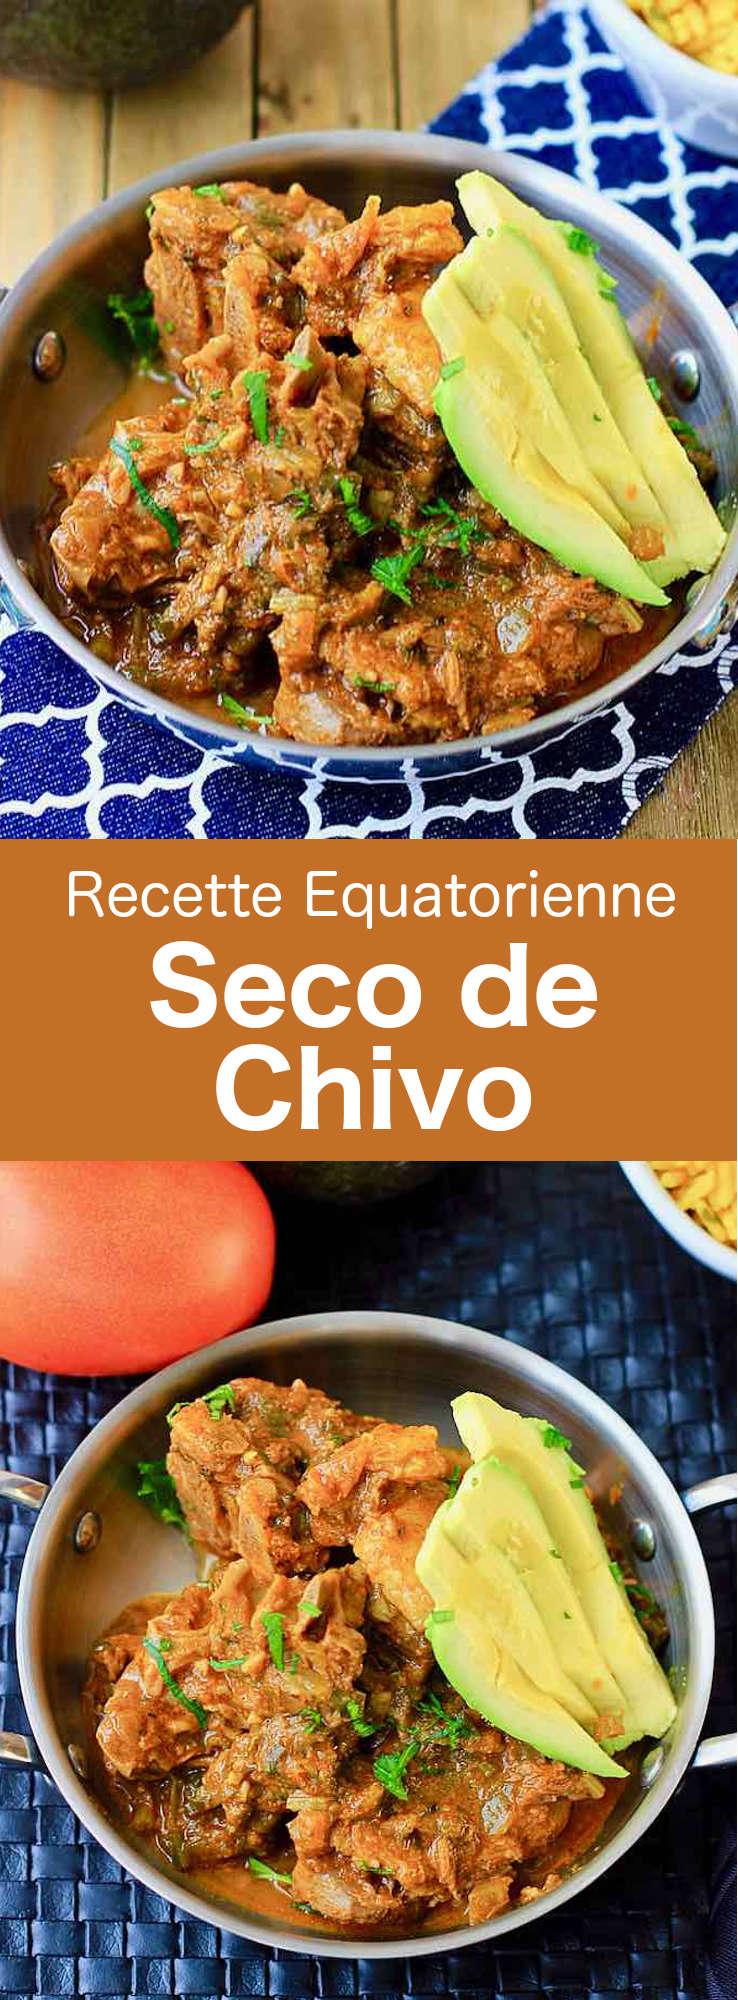 Le seco de chivo est un ragoût traditionnel équatorien préparé avec de la viande de chèvre cuite dans une sauce à l'ail, au cumin, à l'achiote, aux poivrons, aux piments, à l'oignon, à la coriandre, aux tomates, à la chicha, au jus de naranjilla, à la panela et aux épices.  #Equateur #RecetteEquatorienne #CuisineEquatorienne #AmeriqueLatine #CuisineDuMonde #196flavors